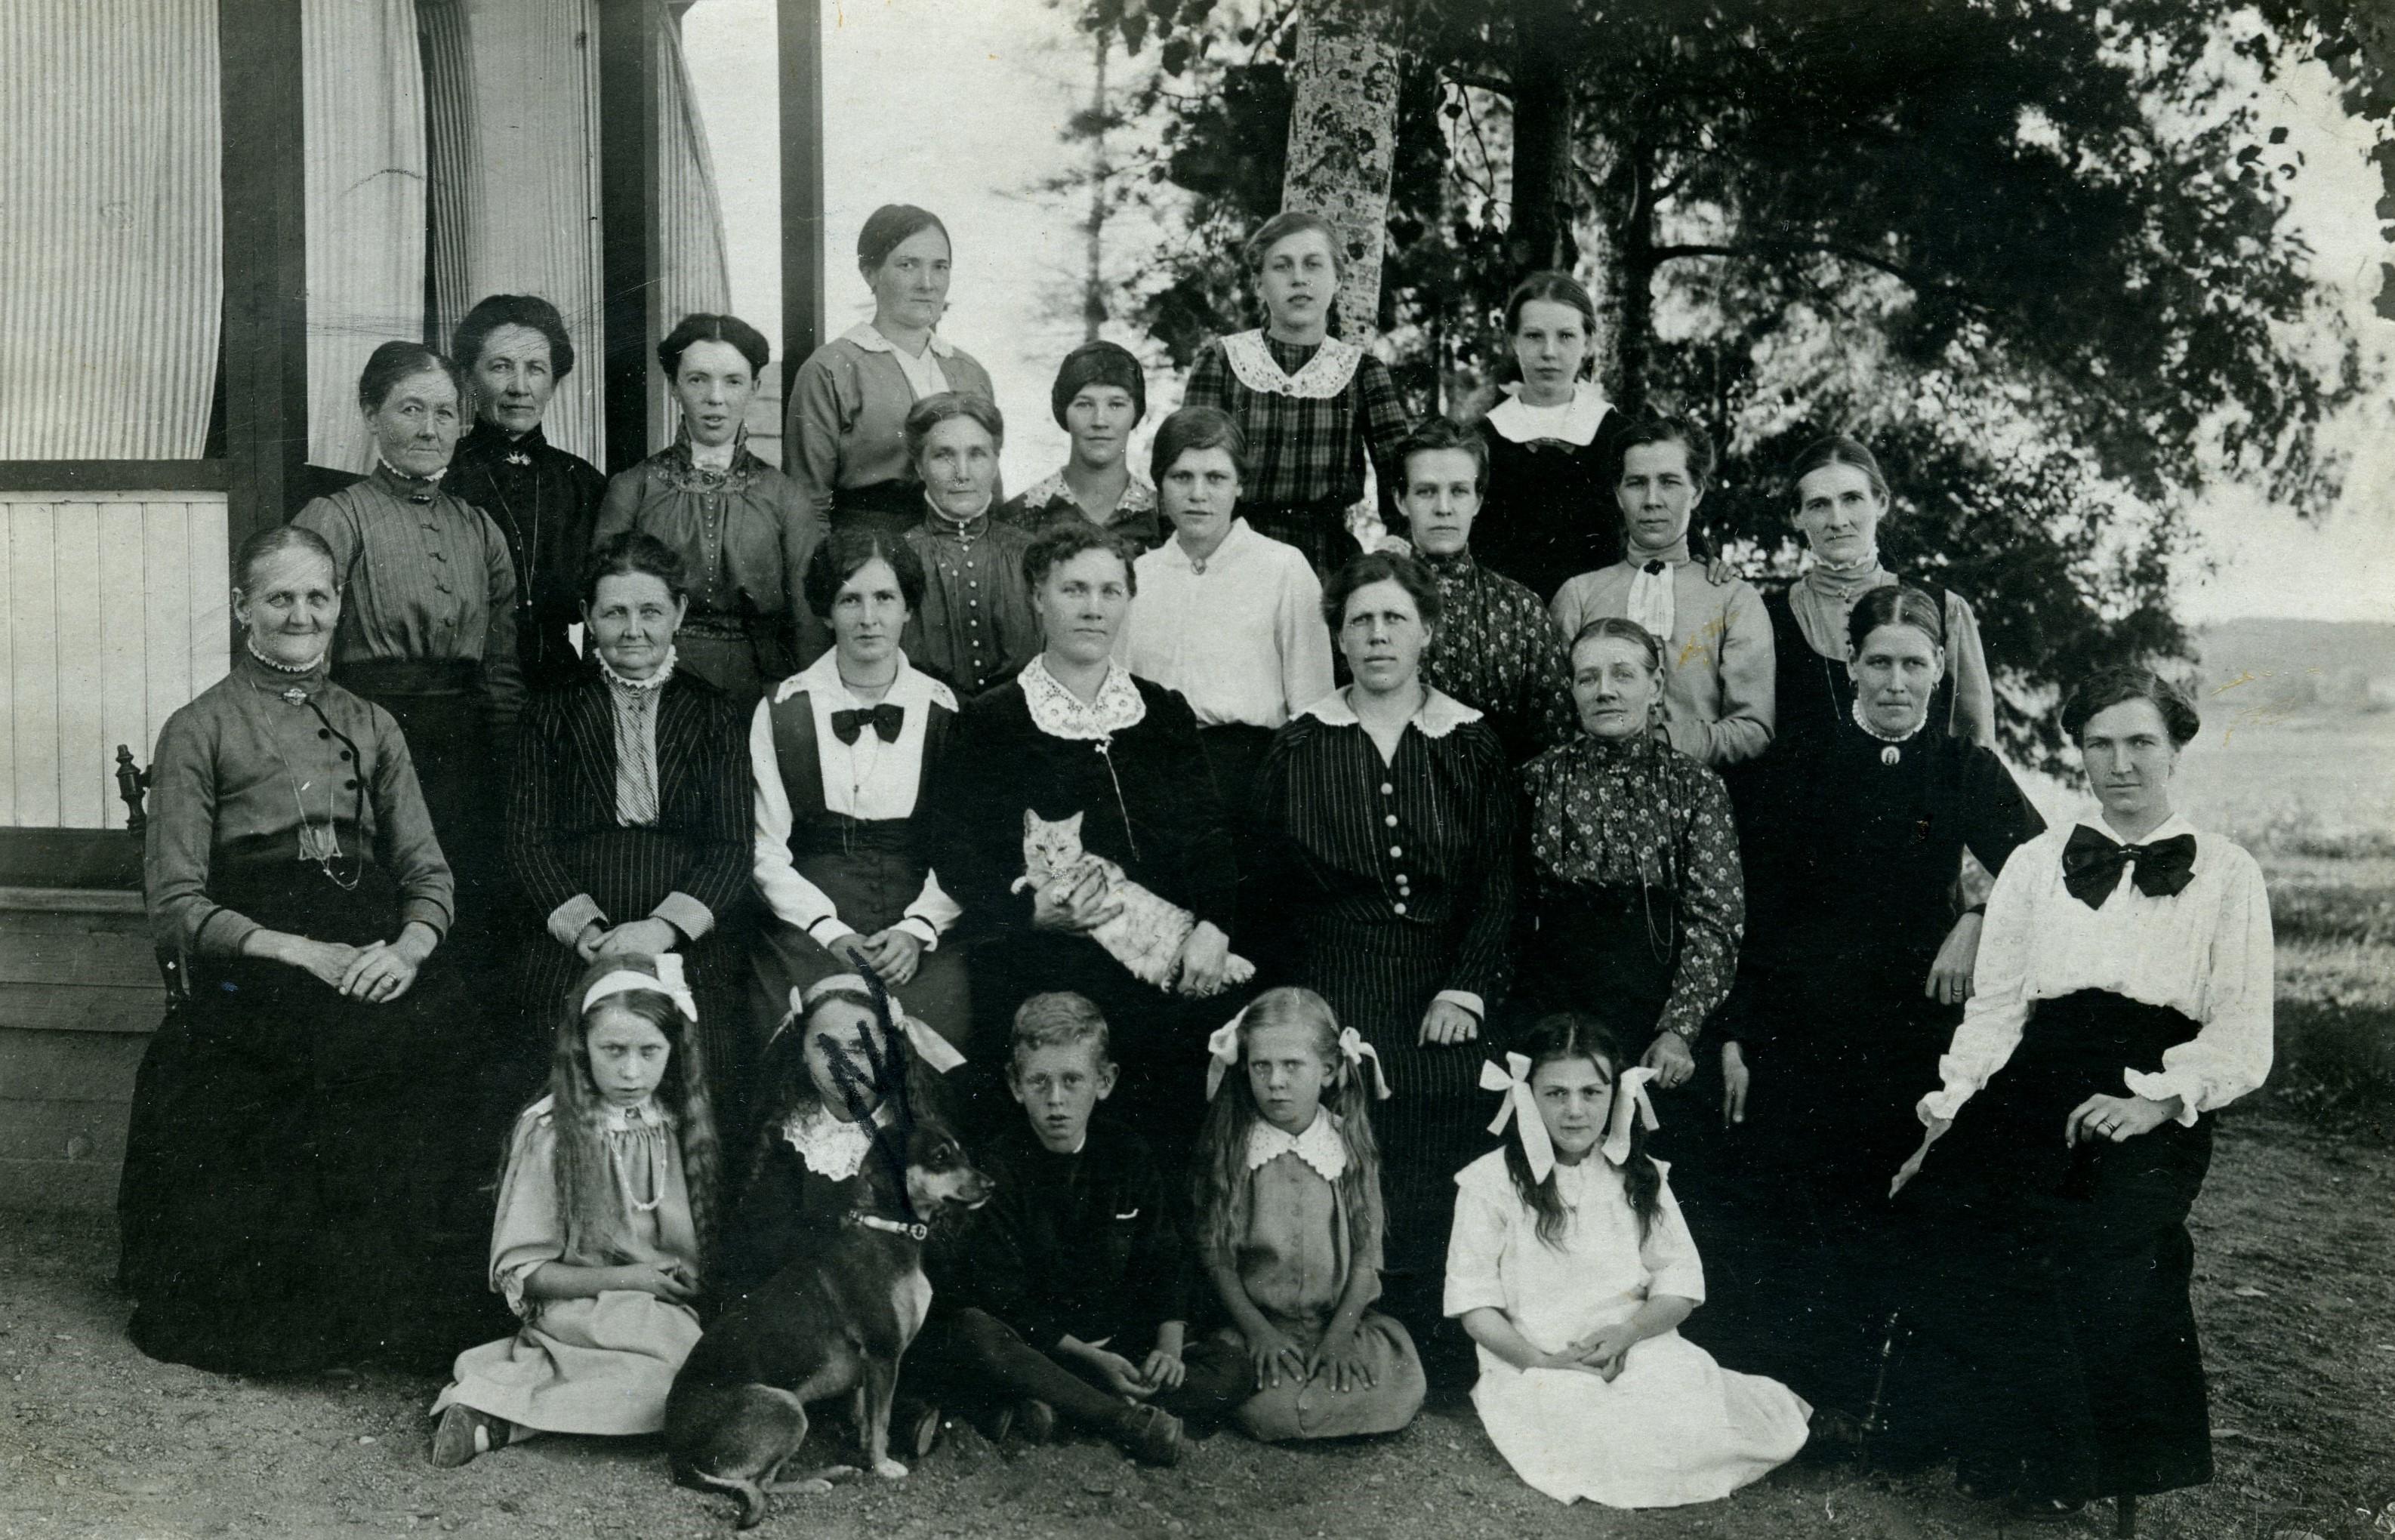 Kooperativa kvinnogillet i Kantorp samlade 1918. Foto: okänd. Eskilstuna kooperativa kvinnogilles arkiv, Arkiv Sörmland